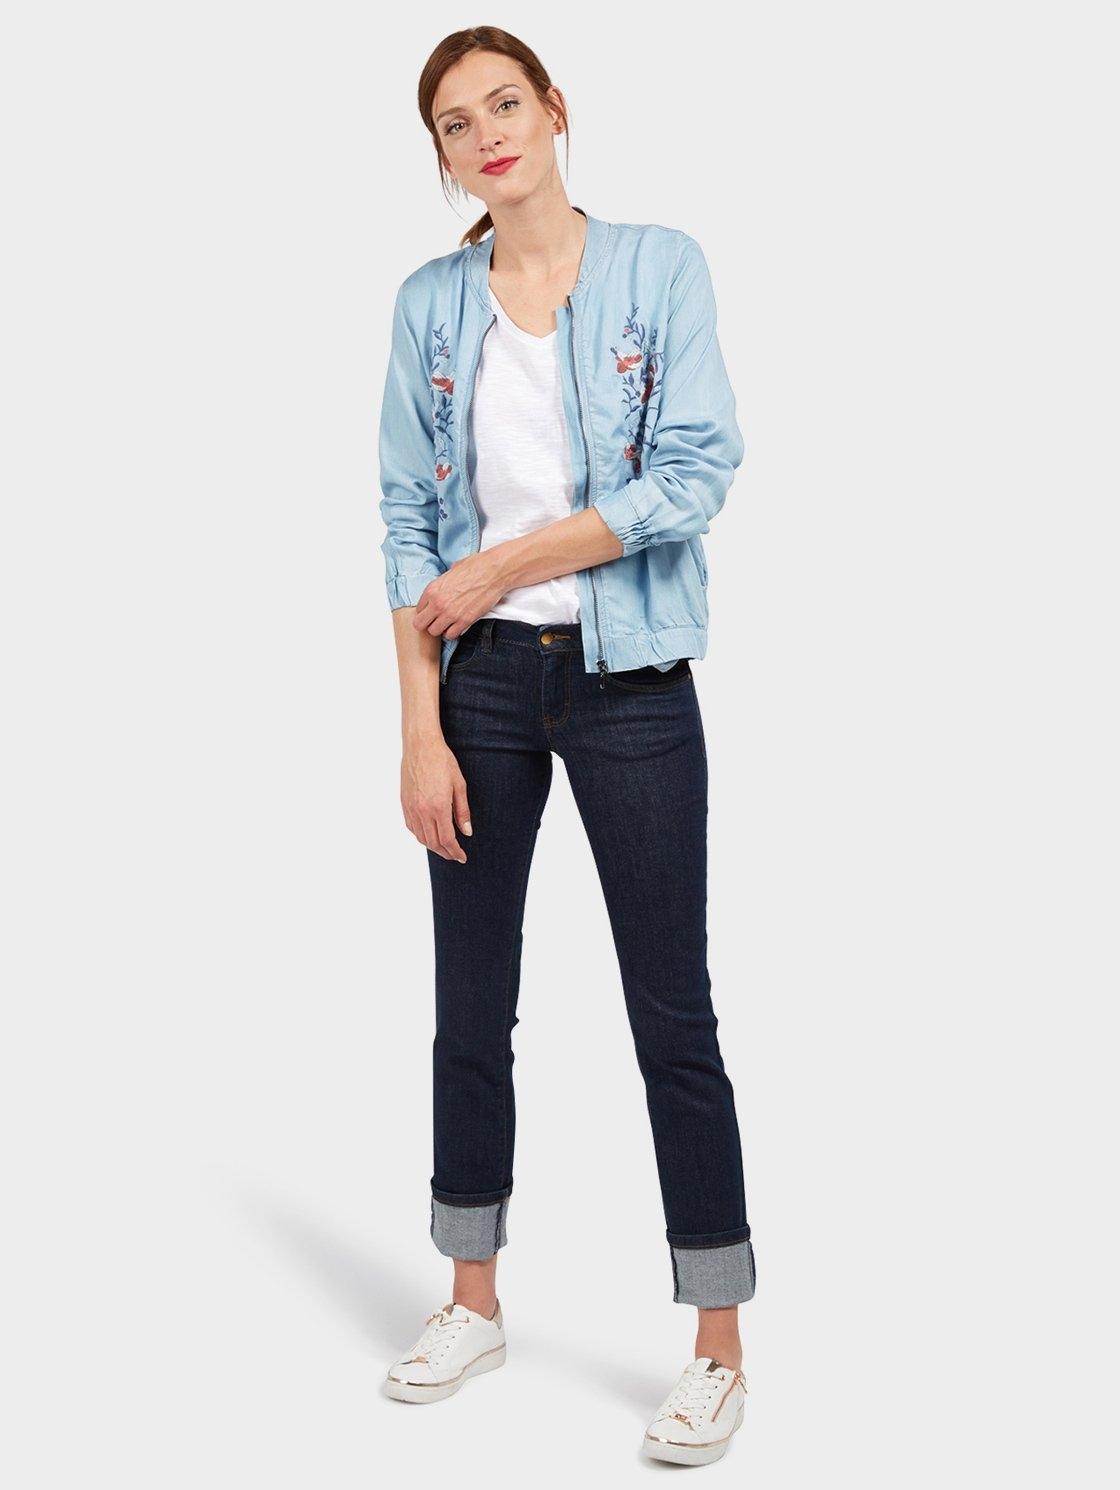 TOM TAILOR Jeans »Alexa straight« voordelig en veilig online kopen